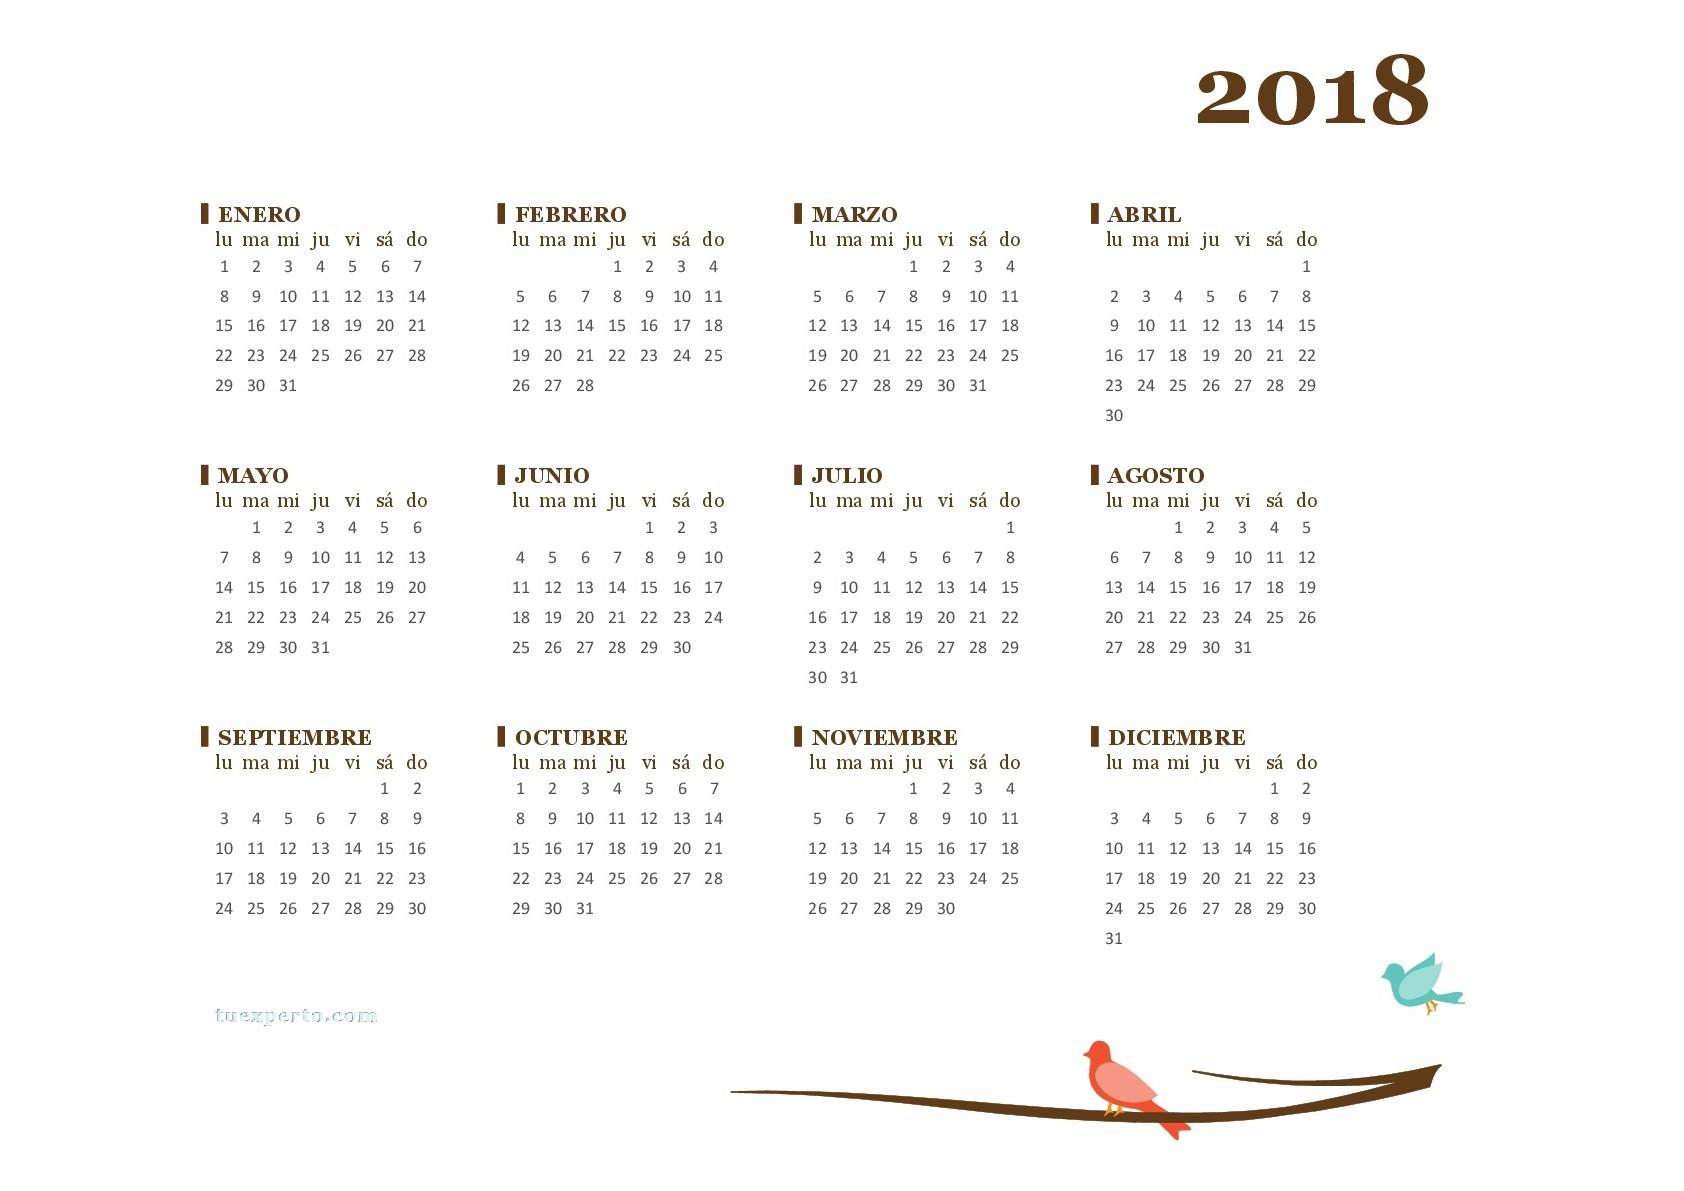 Calendario Mayo 2017 Para Imprimir Word Más Recientemente Liberado Calendario 2018 Más De 150 Plantillas Para Imprimir Y Descargar Of Calendario Mayo 2017 Para Imprimir Word Más Recientes Buscar Las Plantillas De Documentos En Microsoft Word Y Libre Fice